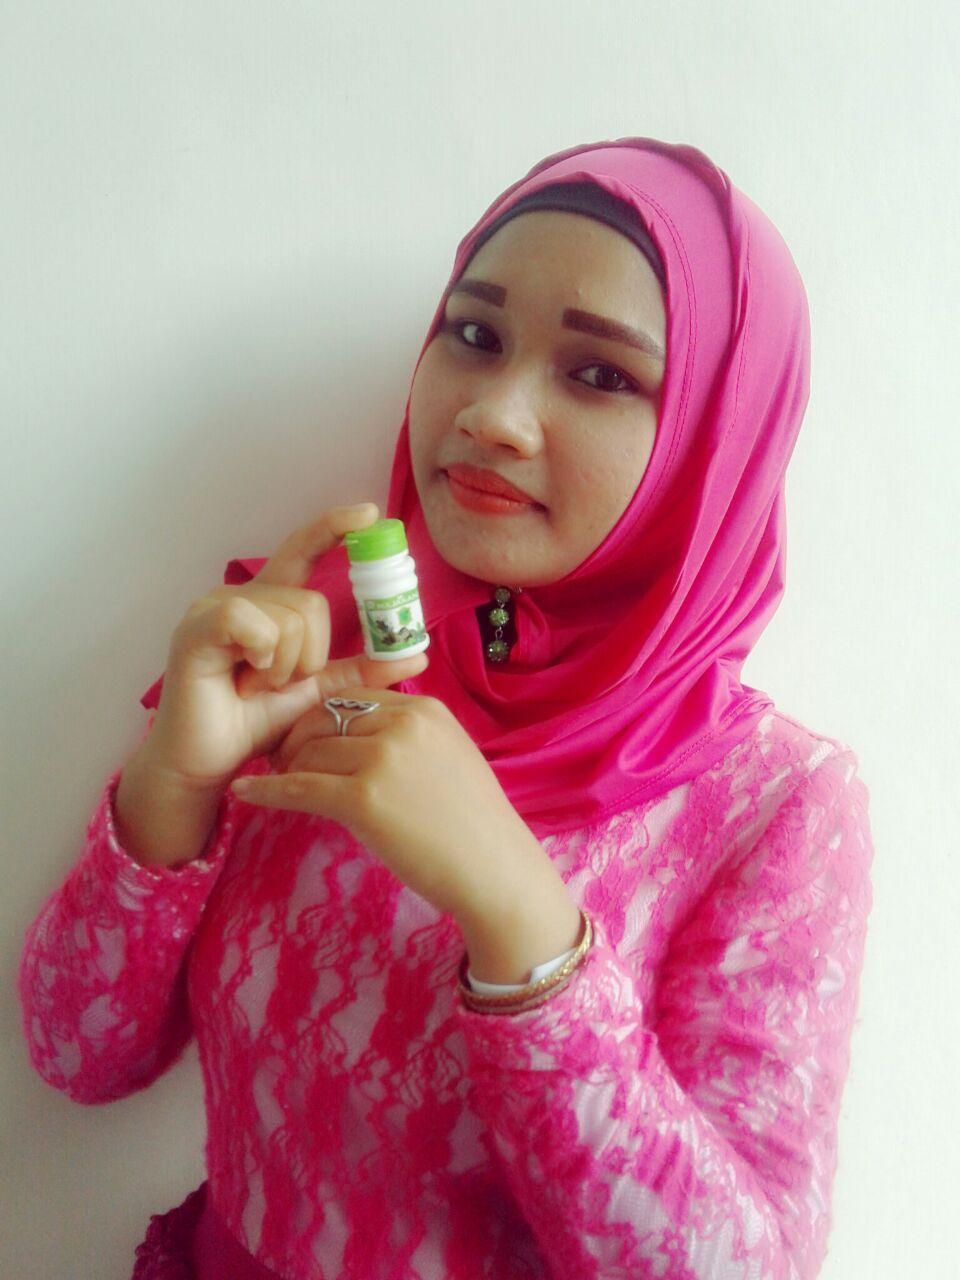 Penyakit Keputihan Dan Solusi Pengobatan Majakani Kanza Manjakani Aceh Bagi Yang Berminat Produk Ini Bisa Menghubungi Saya Di